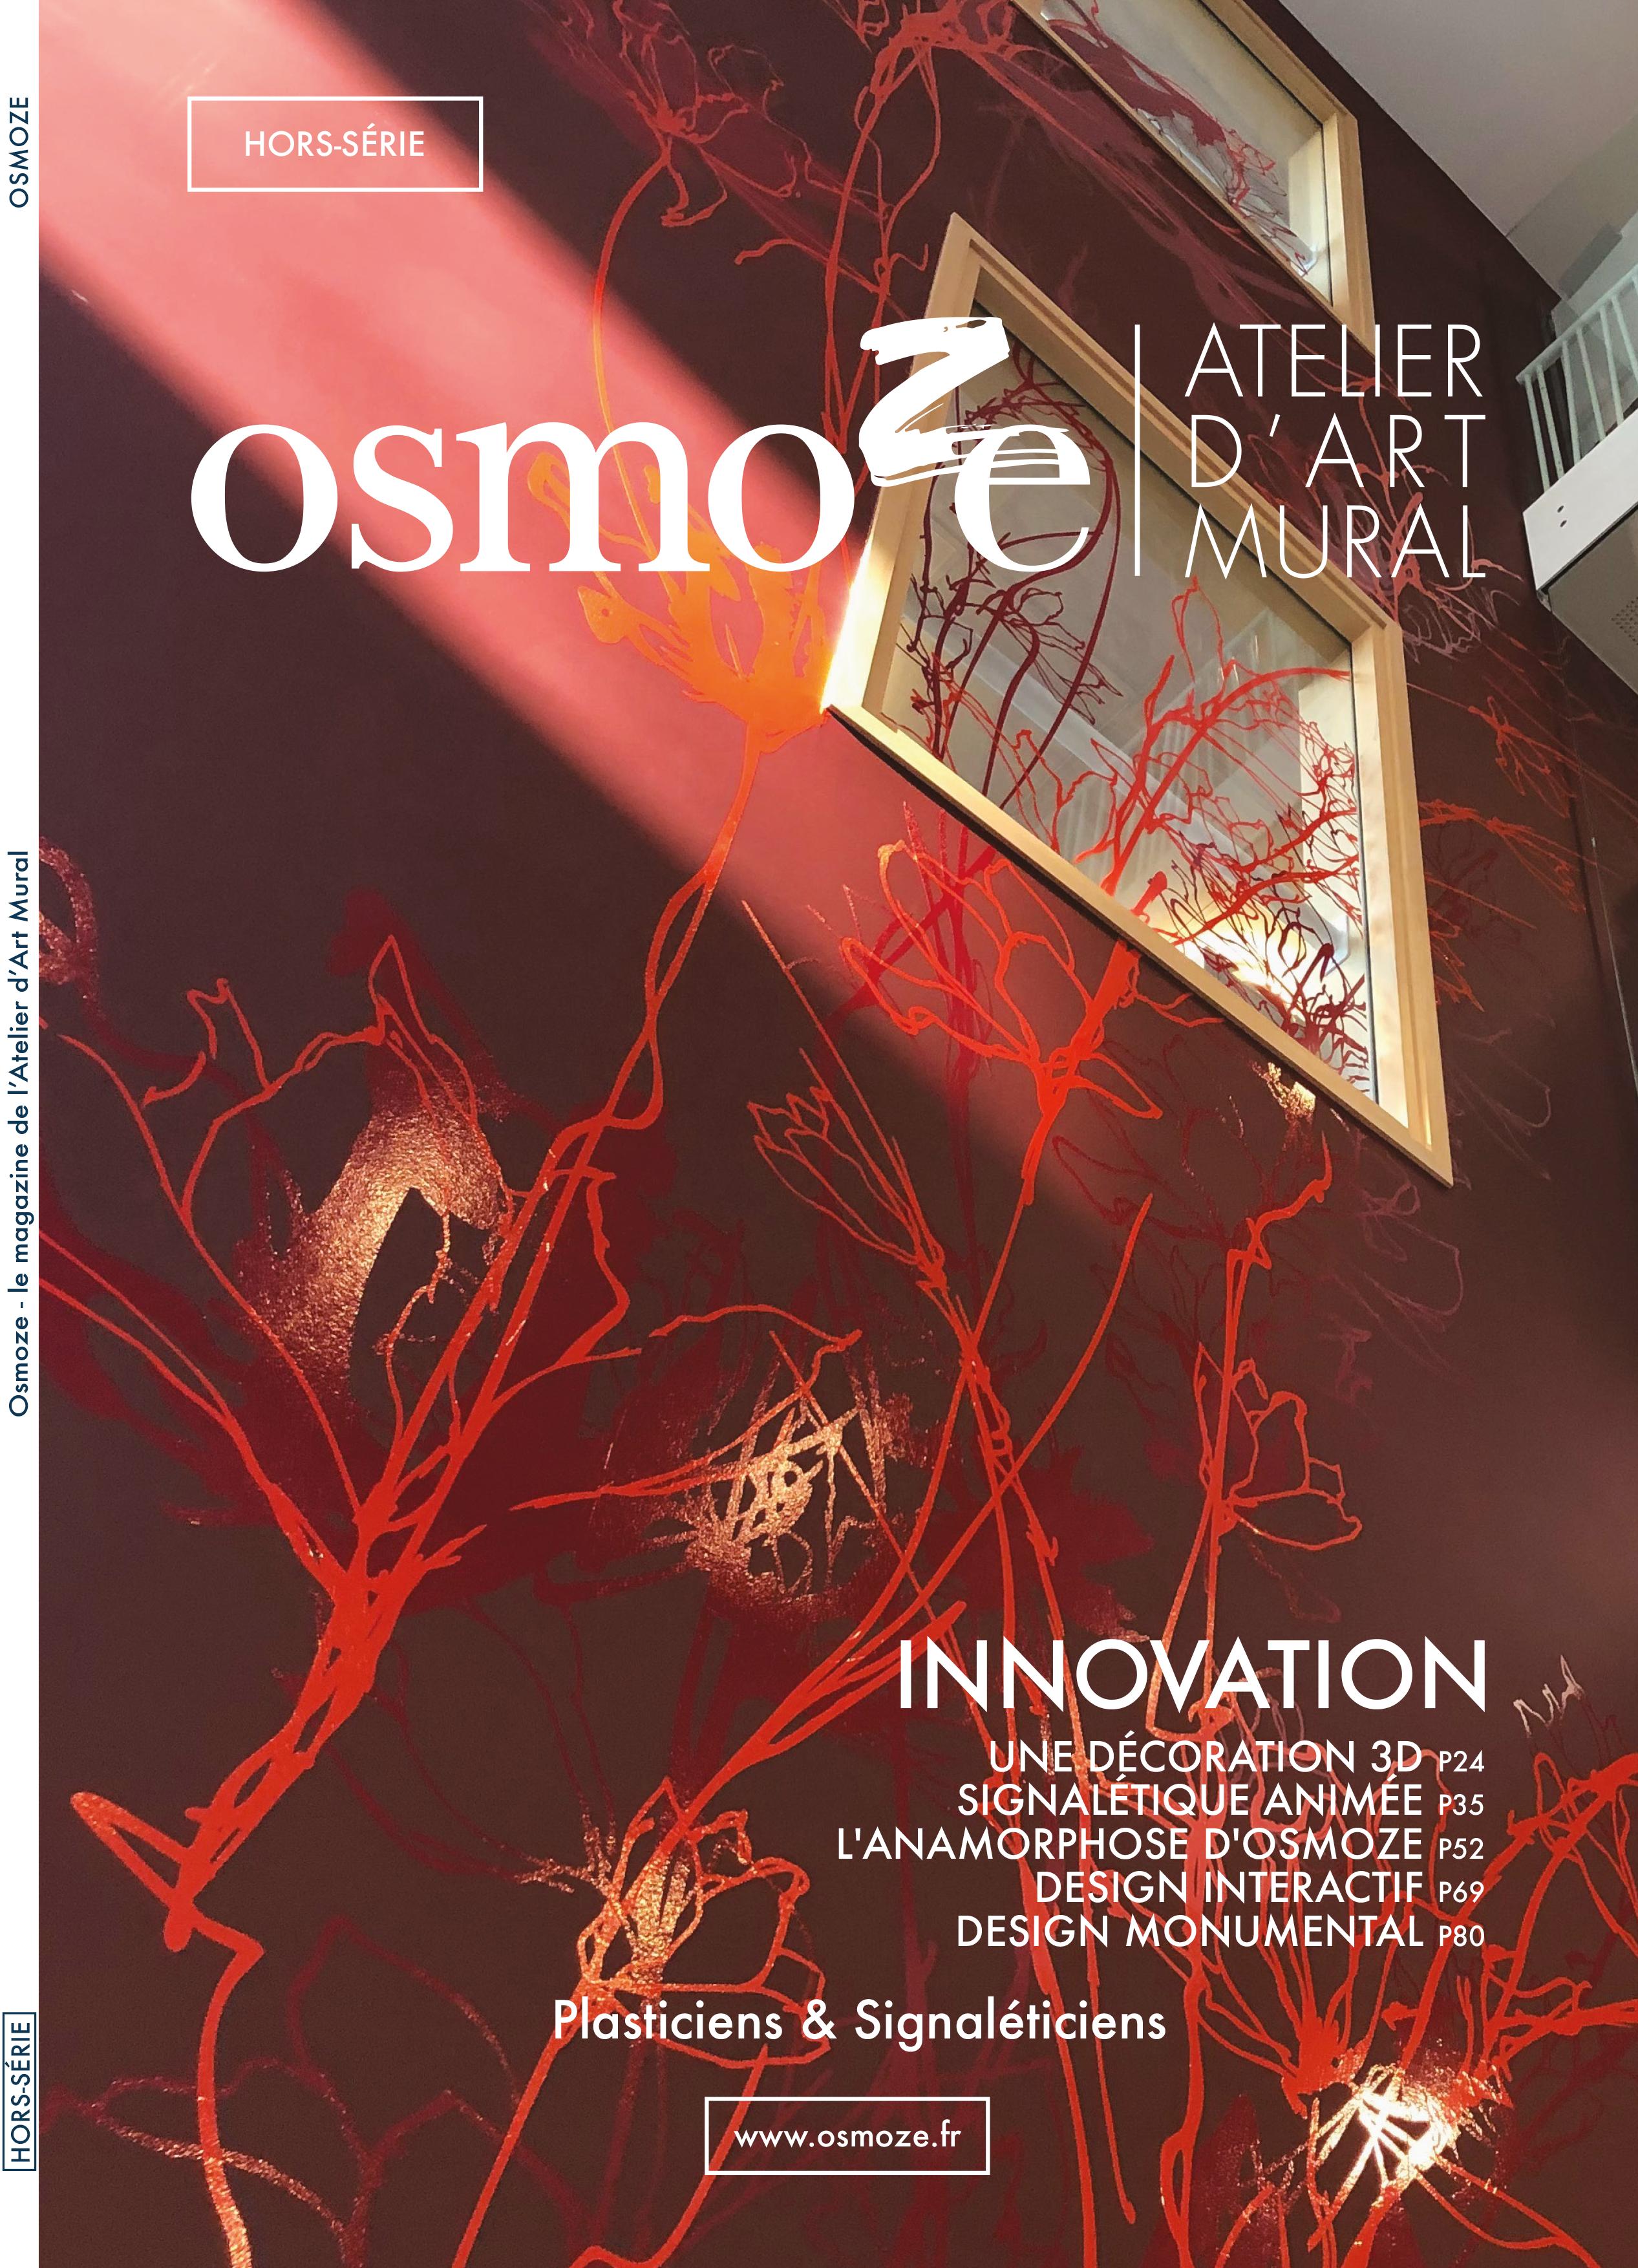 Osmoze > Magazine > Signalétique > Design mural > Références